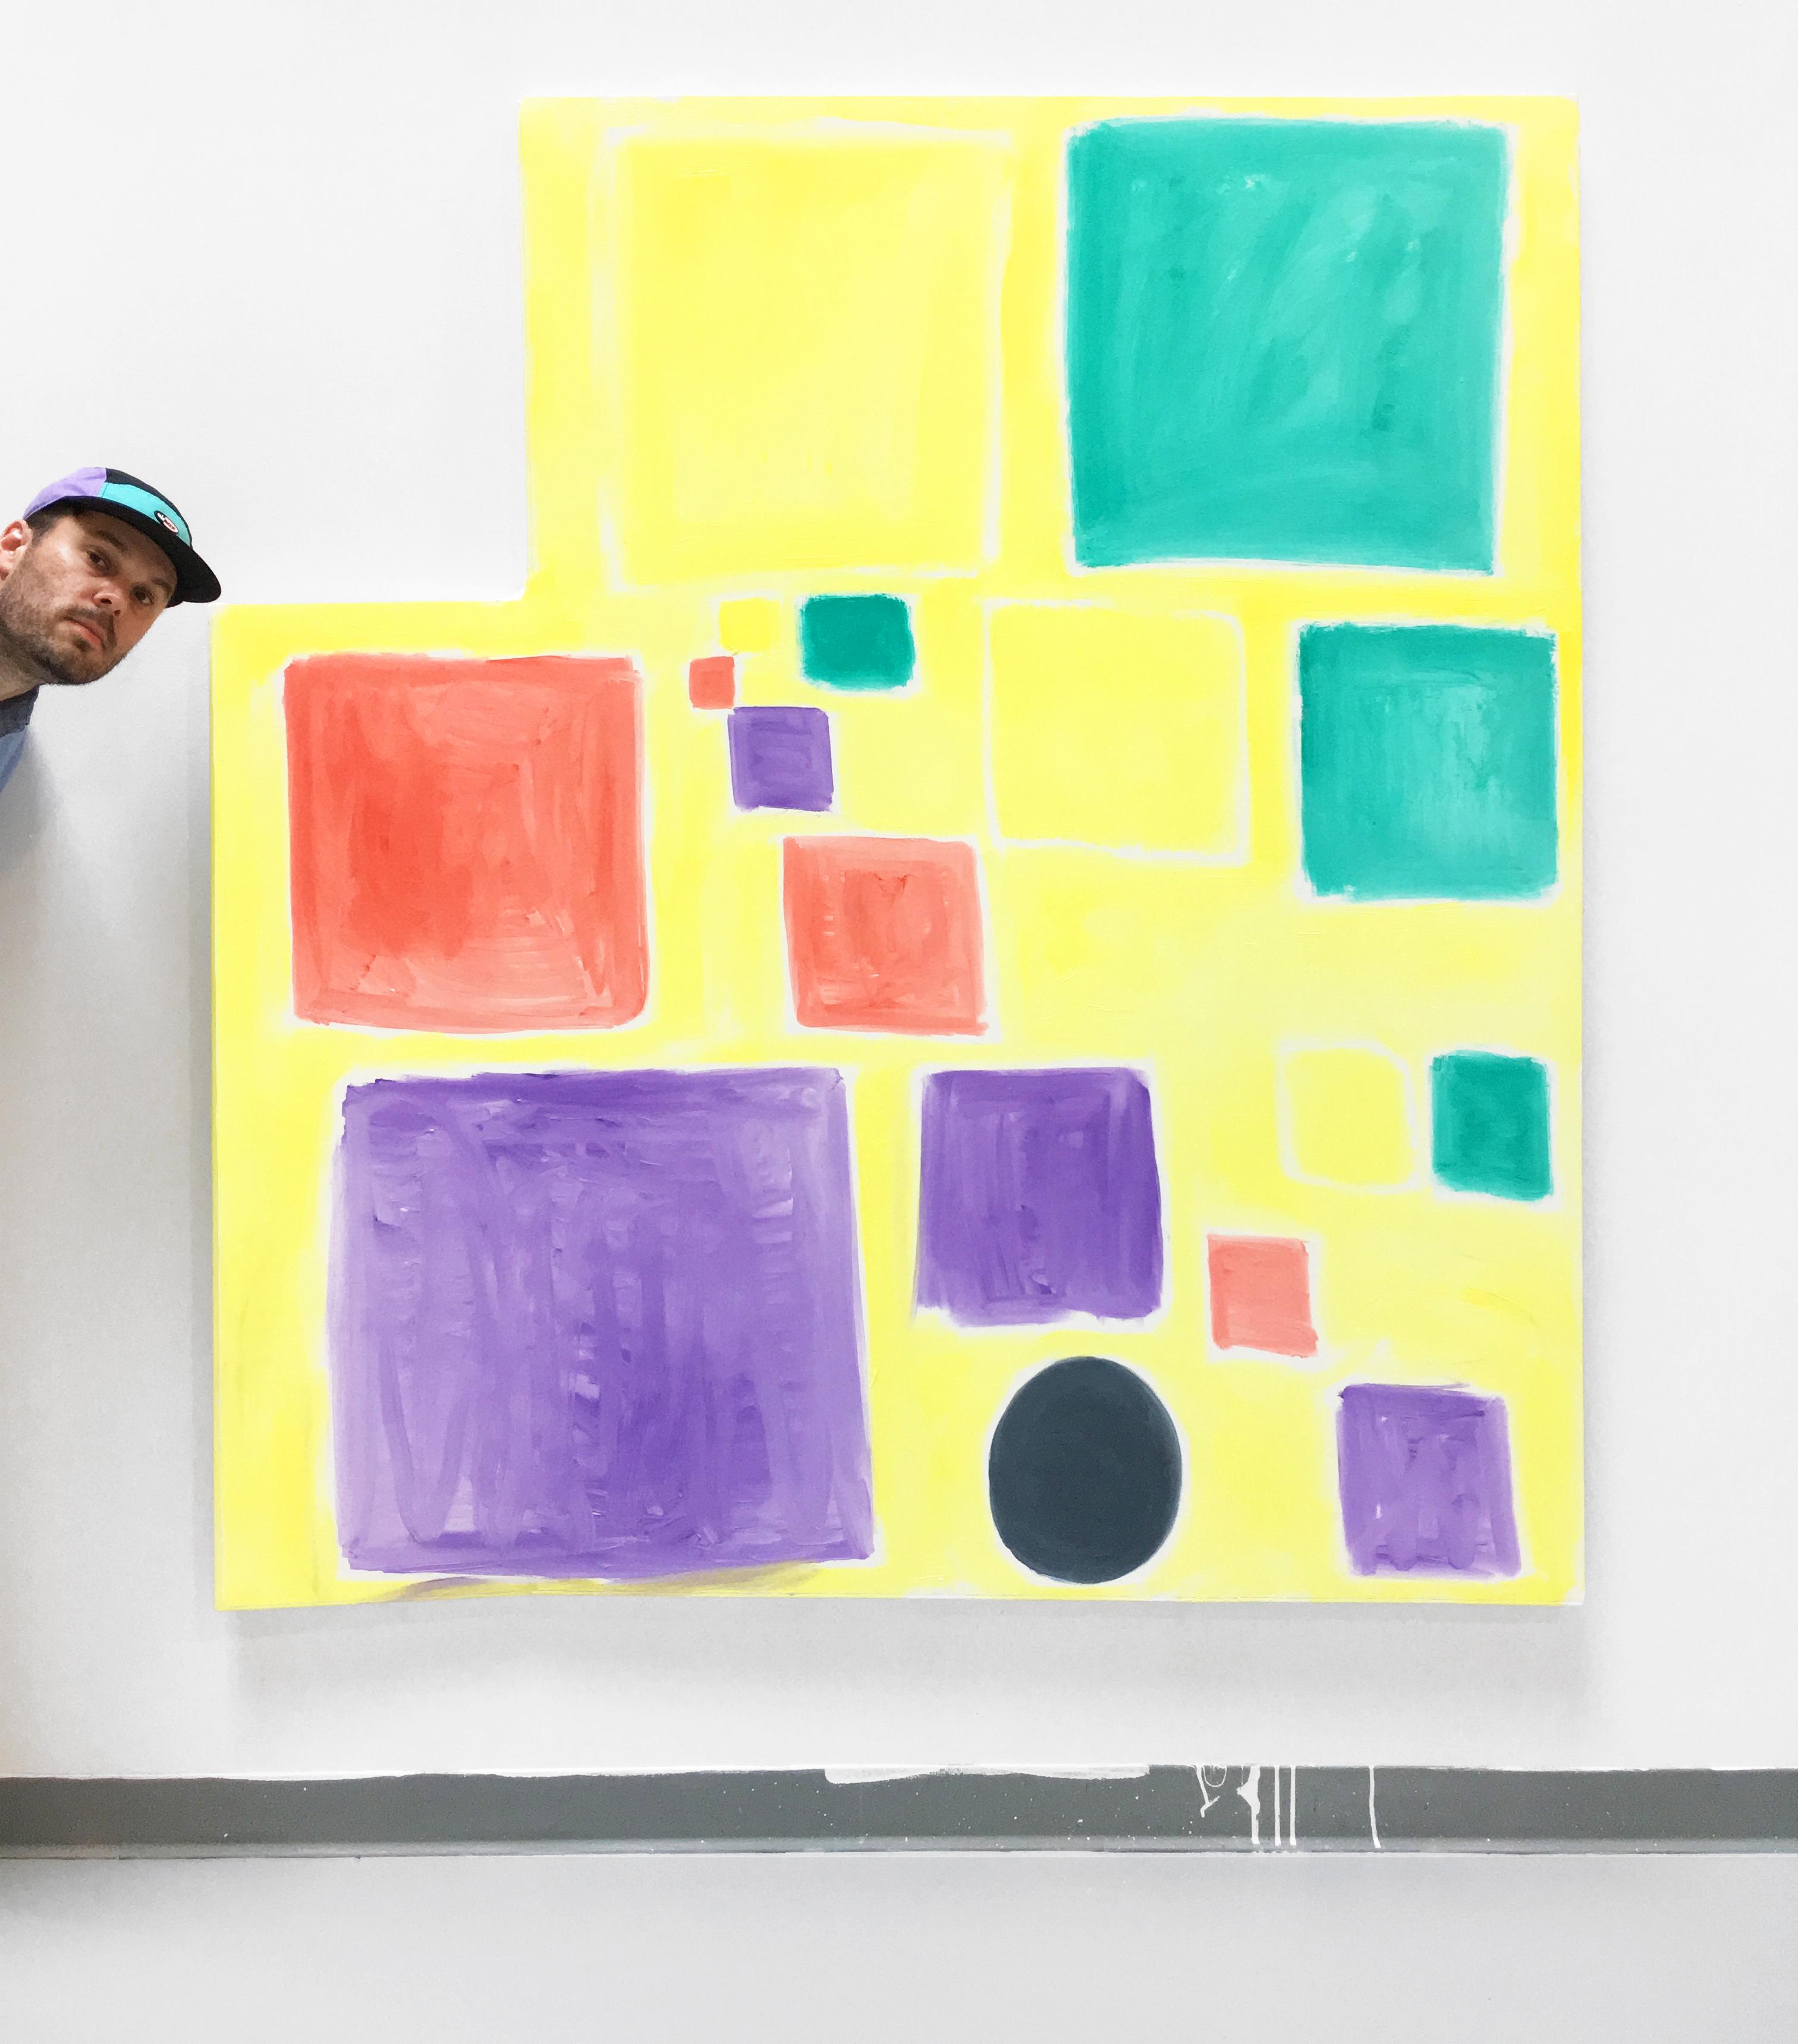 Square, Square, Square, Square, Square, Square, Square, Square, Square, Square, Square, Square, Square, Square, Square, Square, Circle